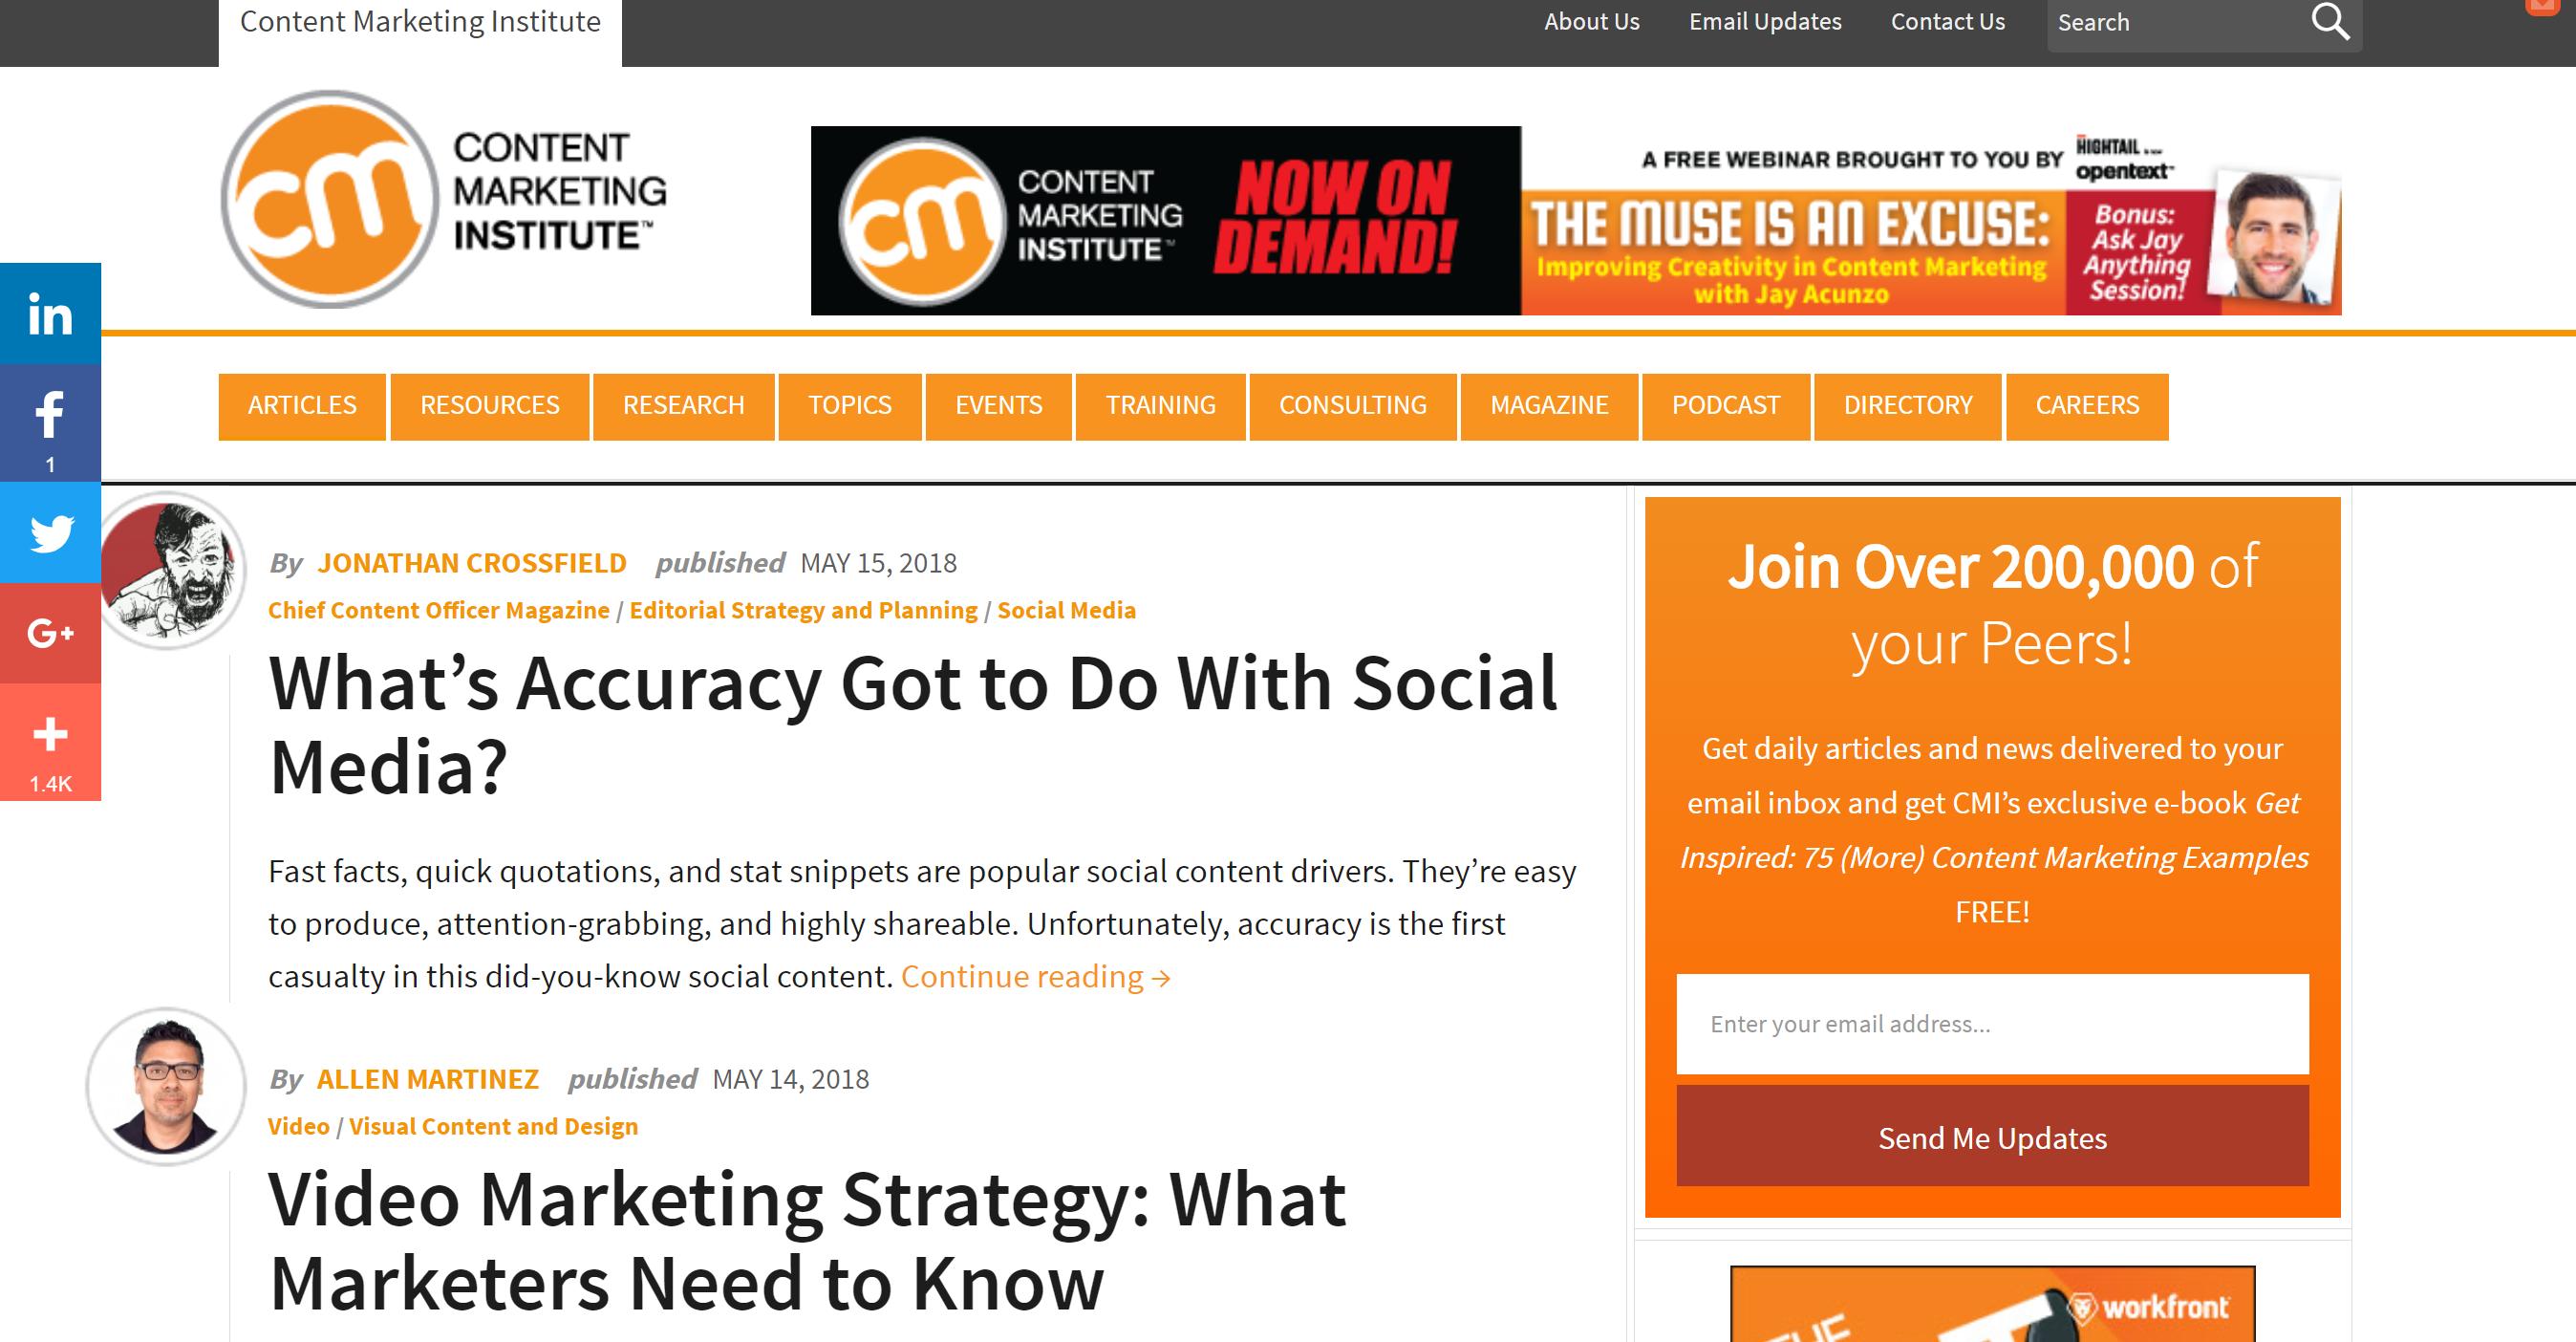 Content Marketing Institute Blog